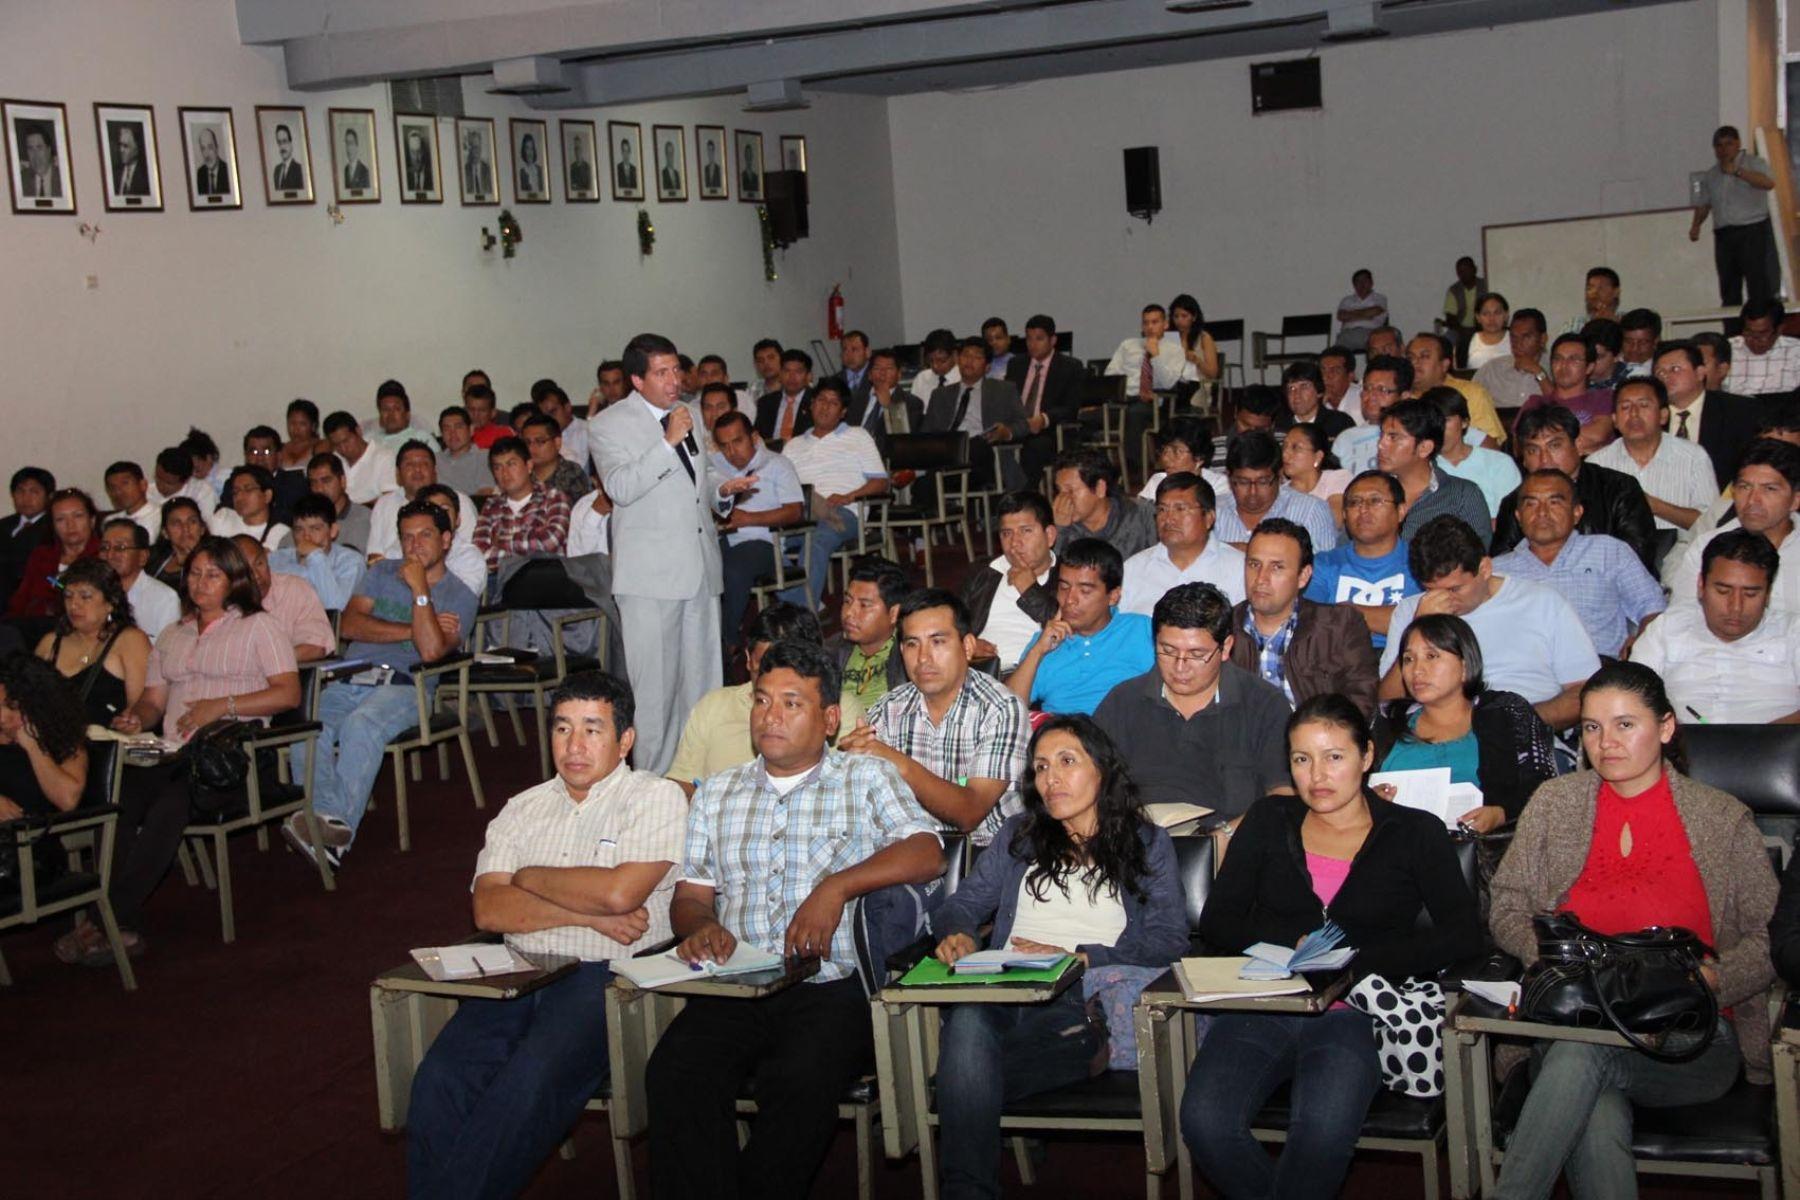 Ministerio de la producci n incorporar a 200 nuevos for Ministerio produccion